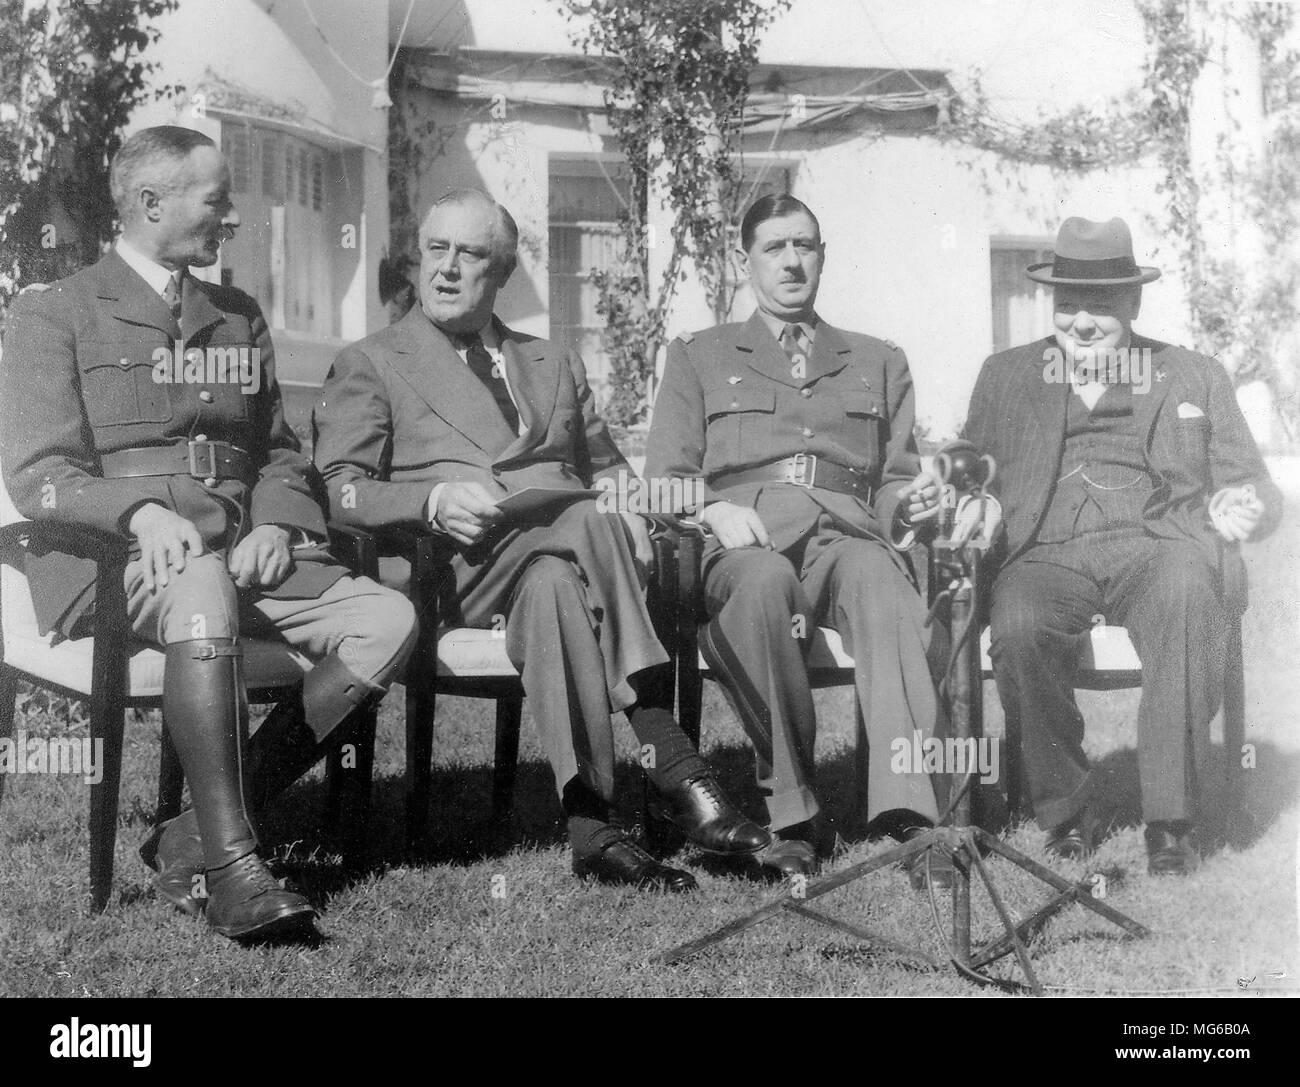 Les dirigeants français Henri Giraud (à gauche) et Charles de Gaulle s'asseoir après avoir serré la main en présence de Franklin D. Roosevelt et Winston Churchill (Conférence de Casablanca, 14 janvier 1943) Photo Stock